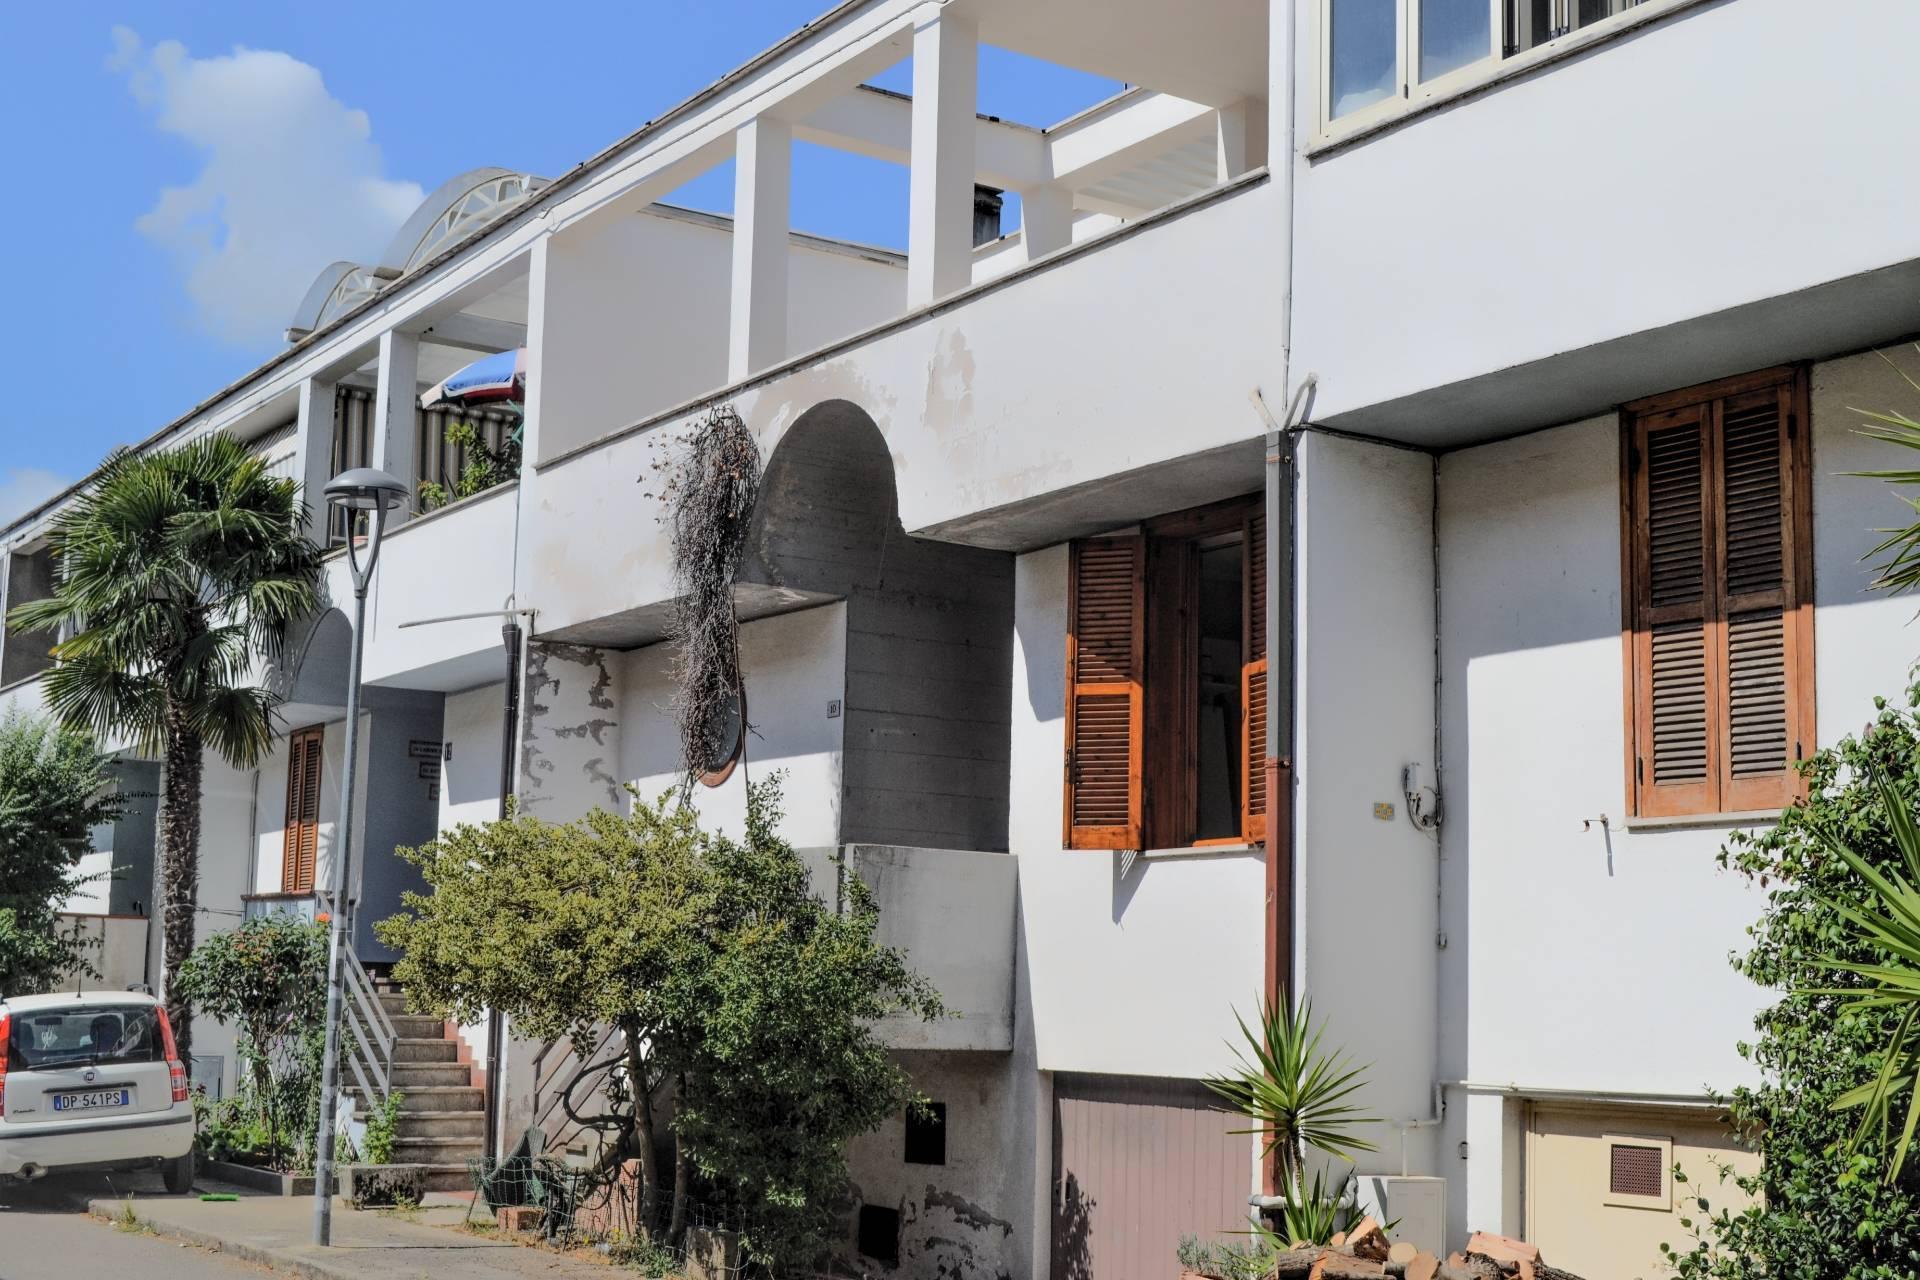 Soluzione Semindipendente in vendita a Arrone, 6 locali, zona Località: Arrone-Centro, prezzo € 99.000 | CambioCasa.it